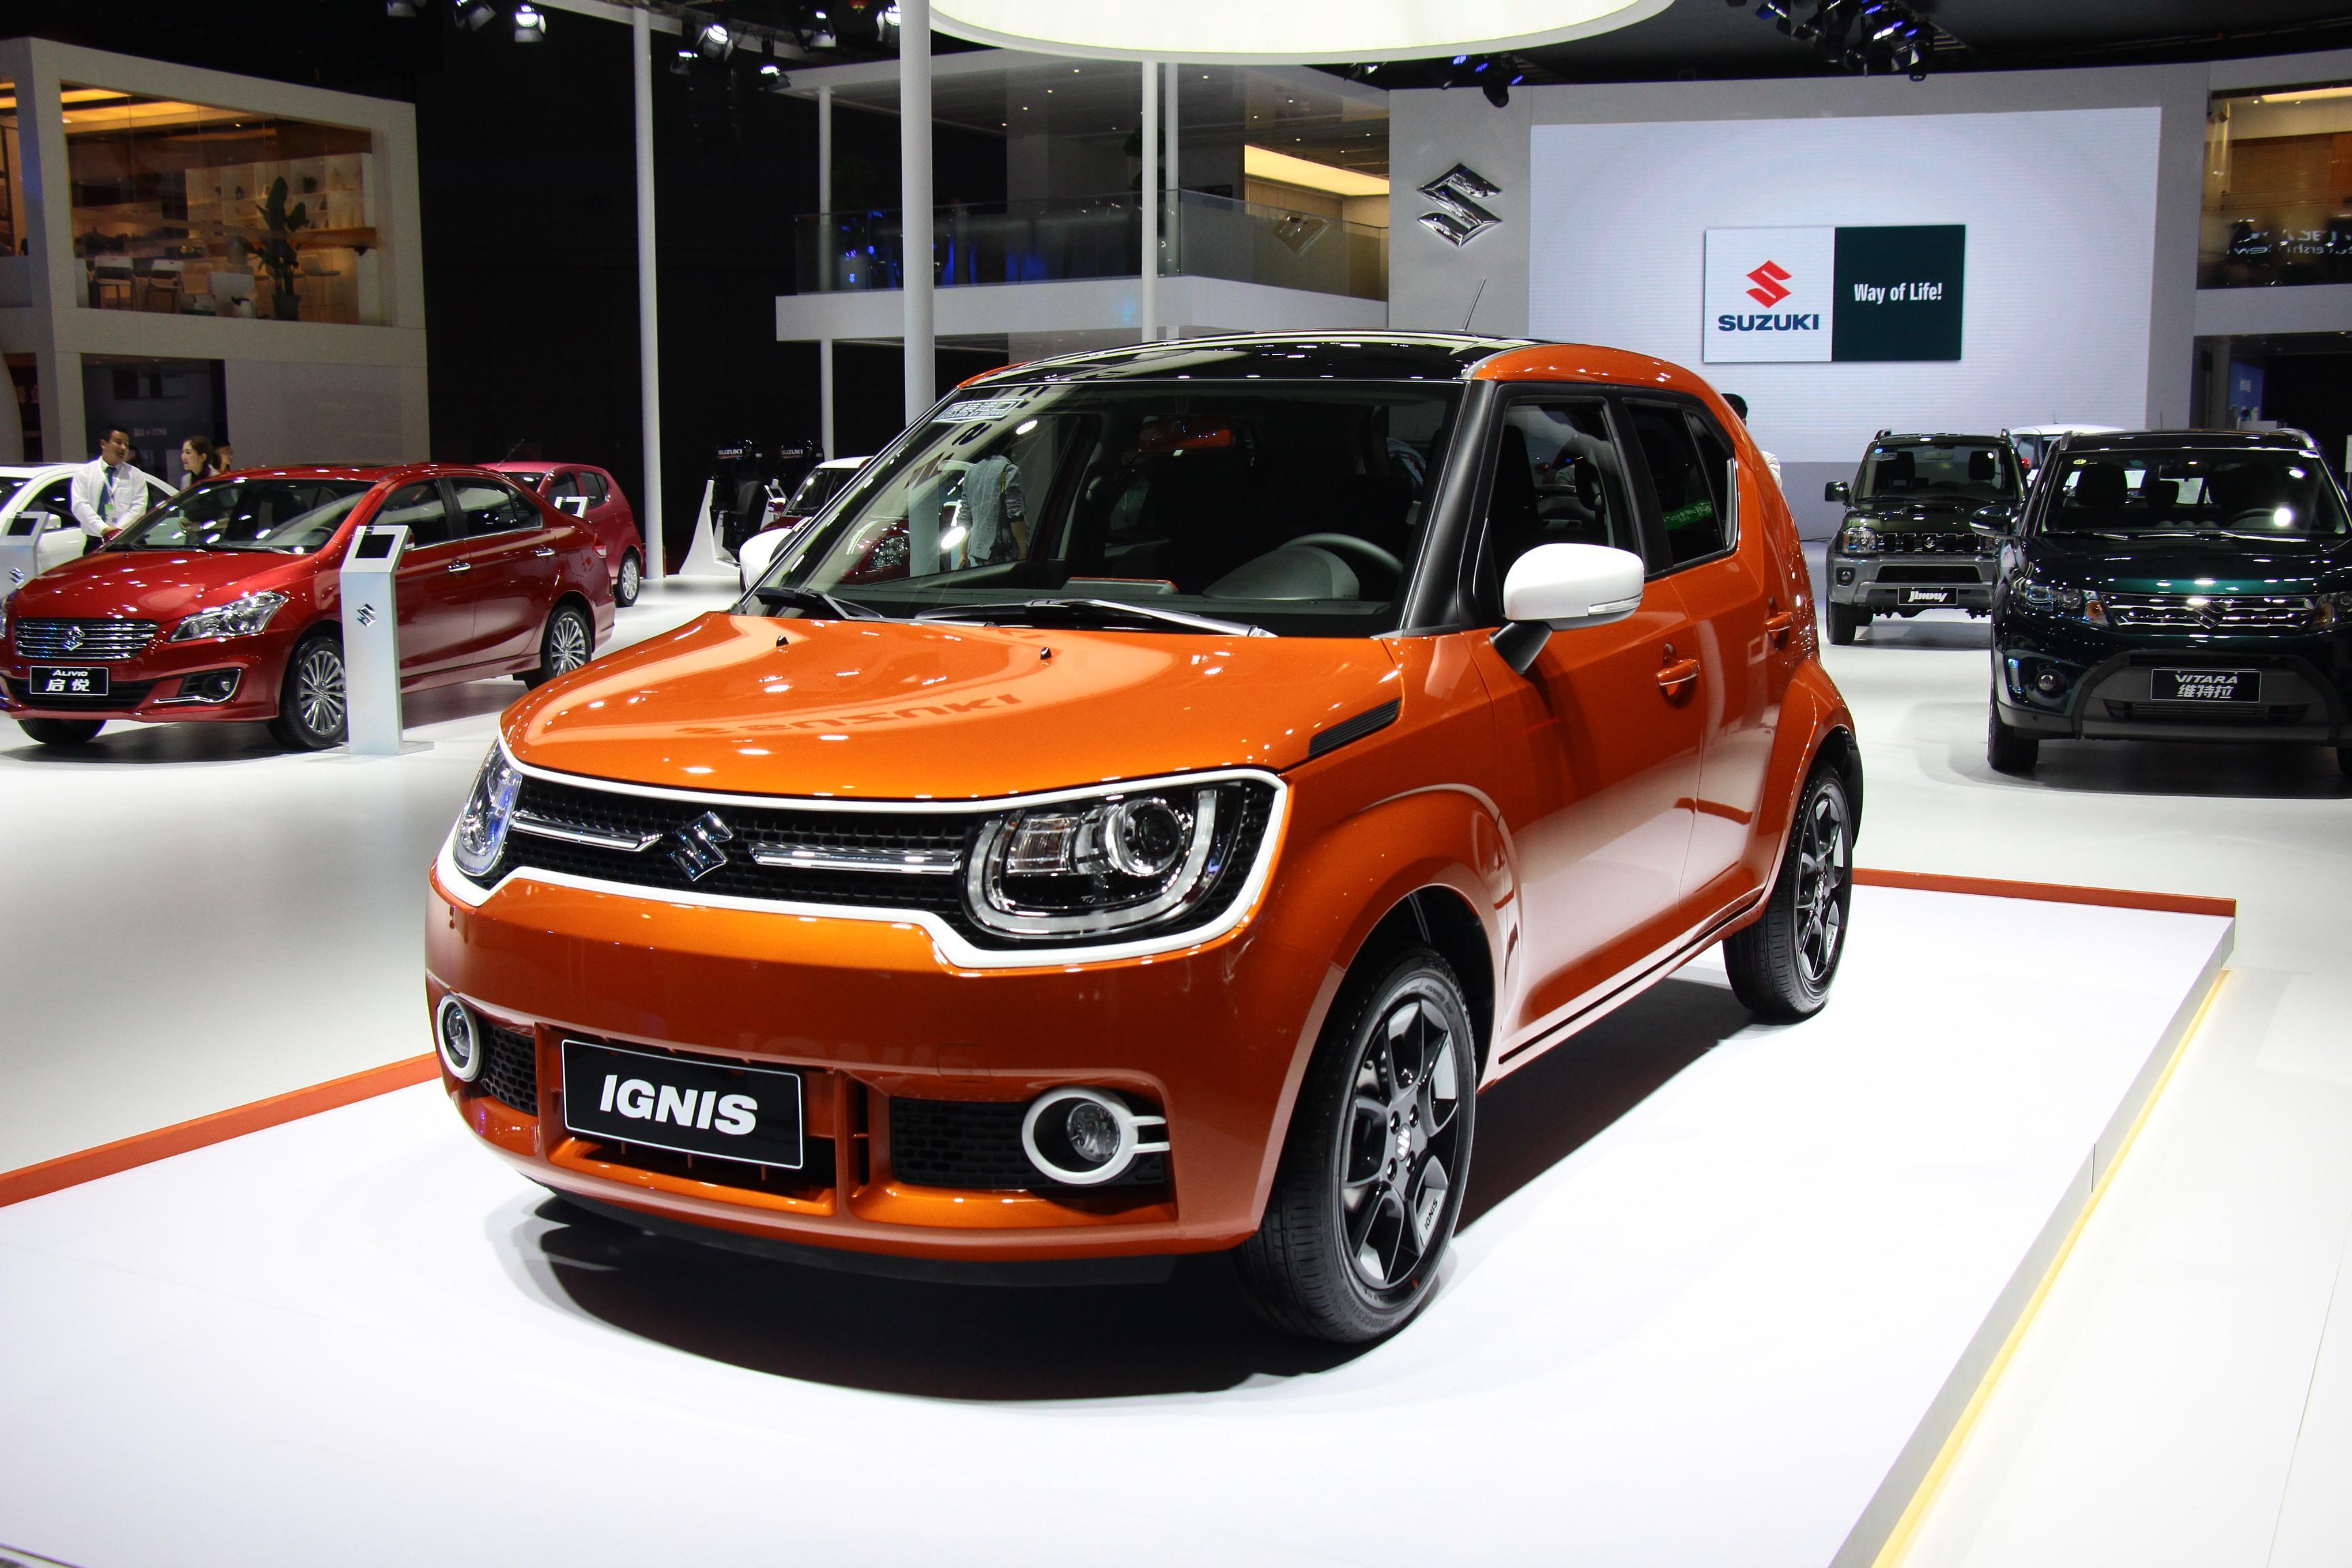 铃木这款K-CAR今年9月份进入国内 预计价格10万元起